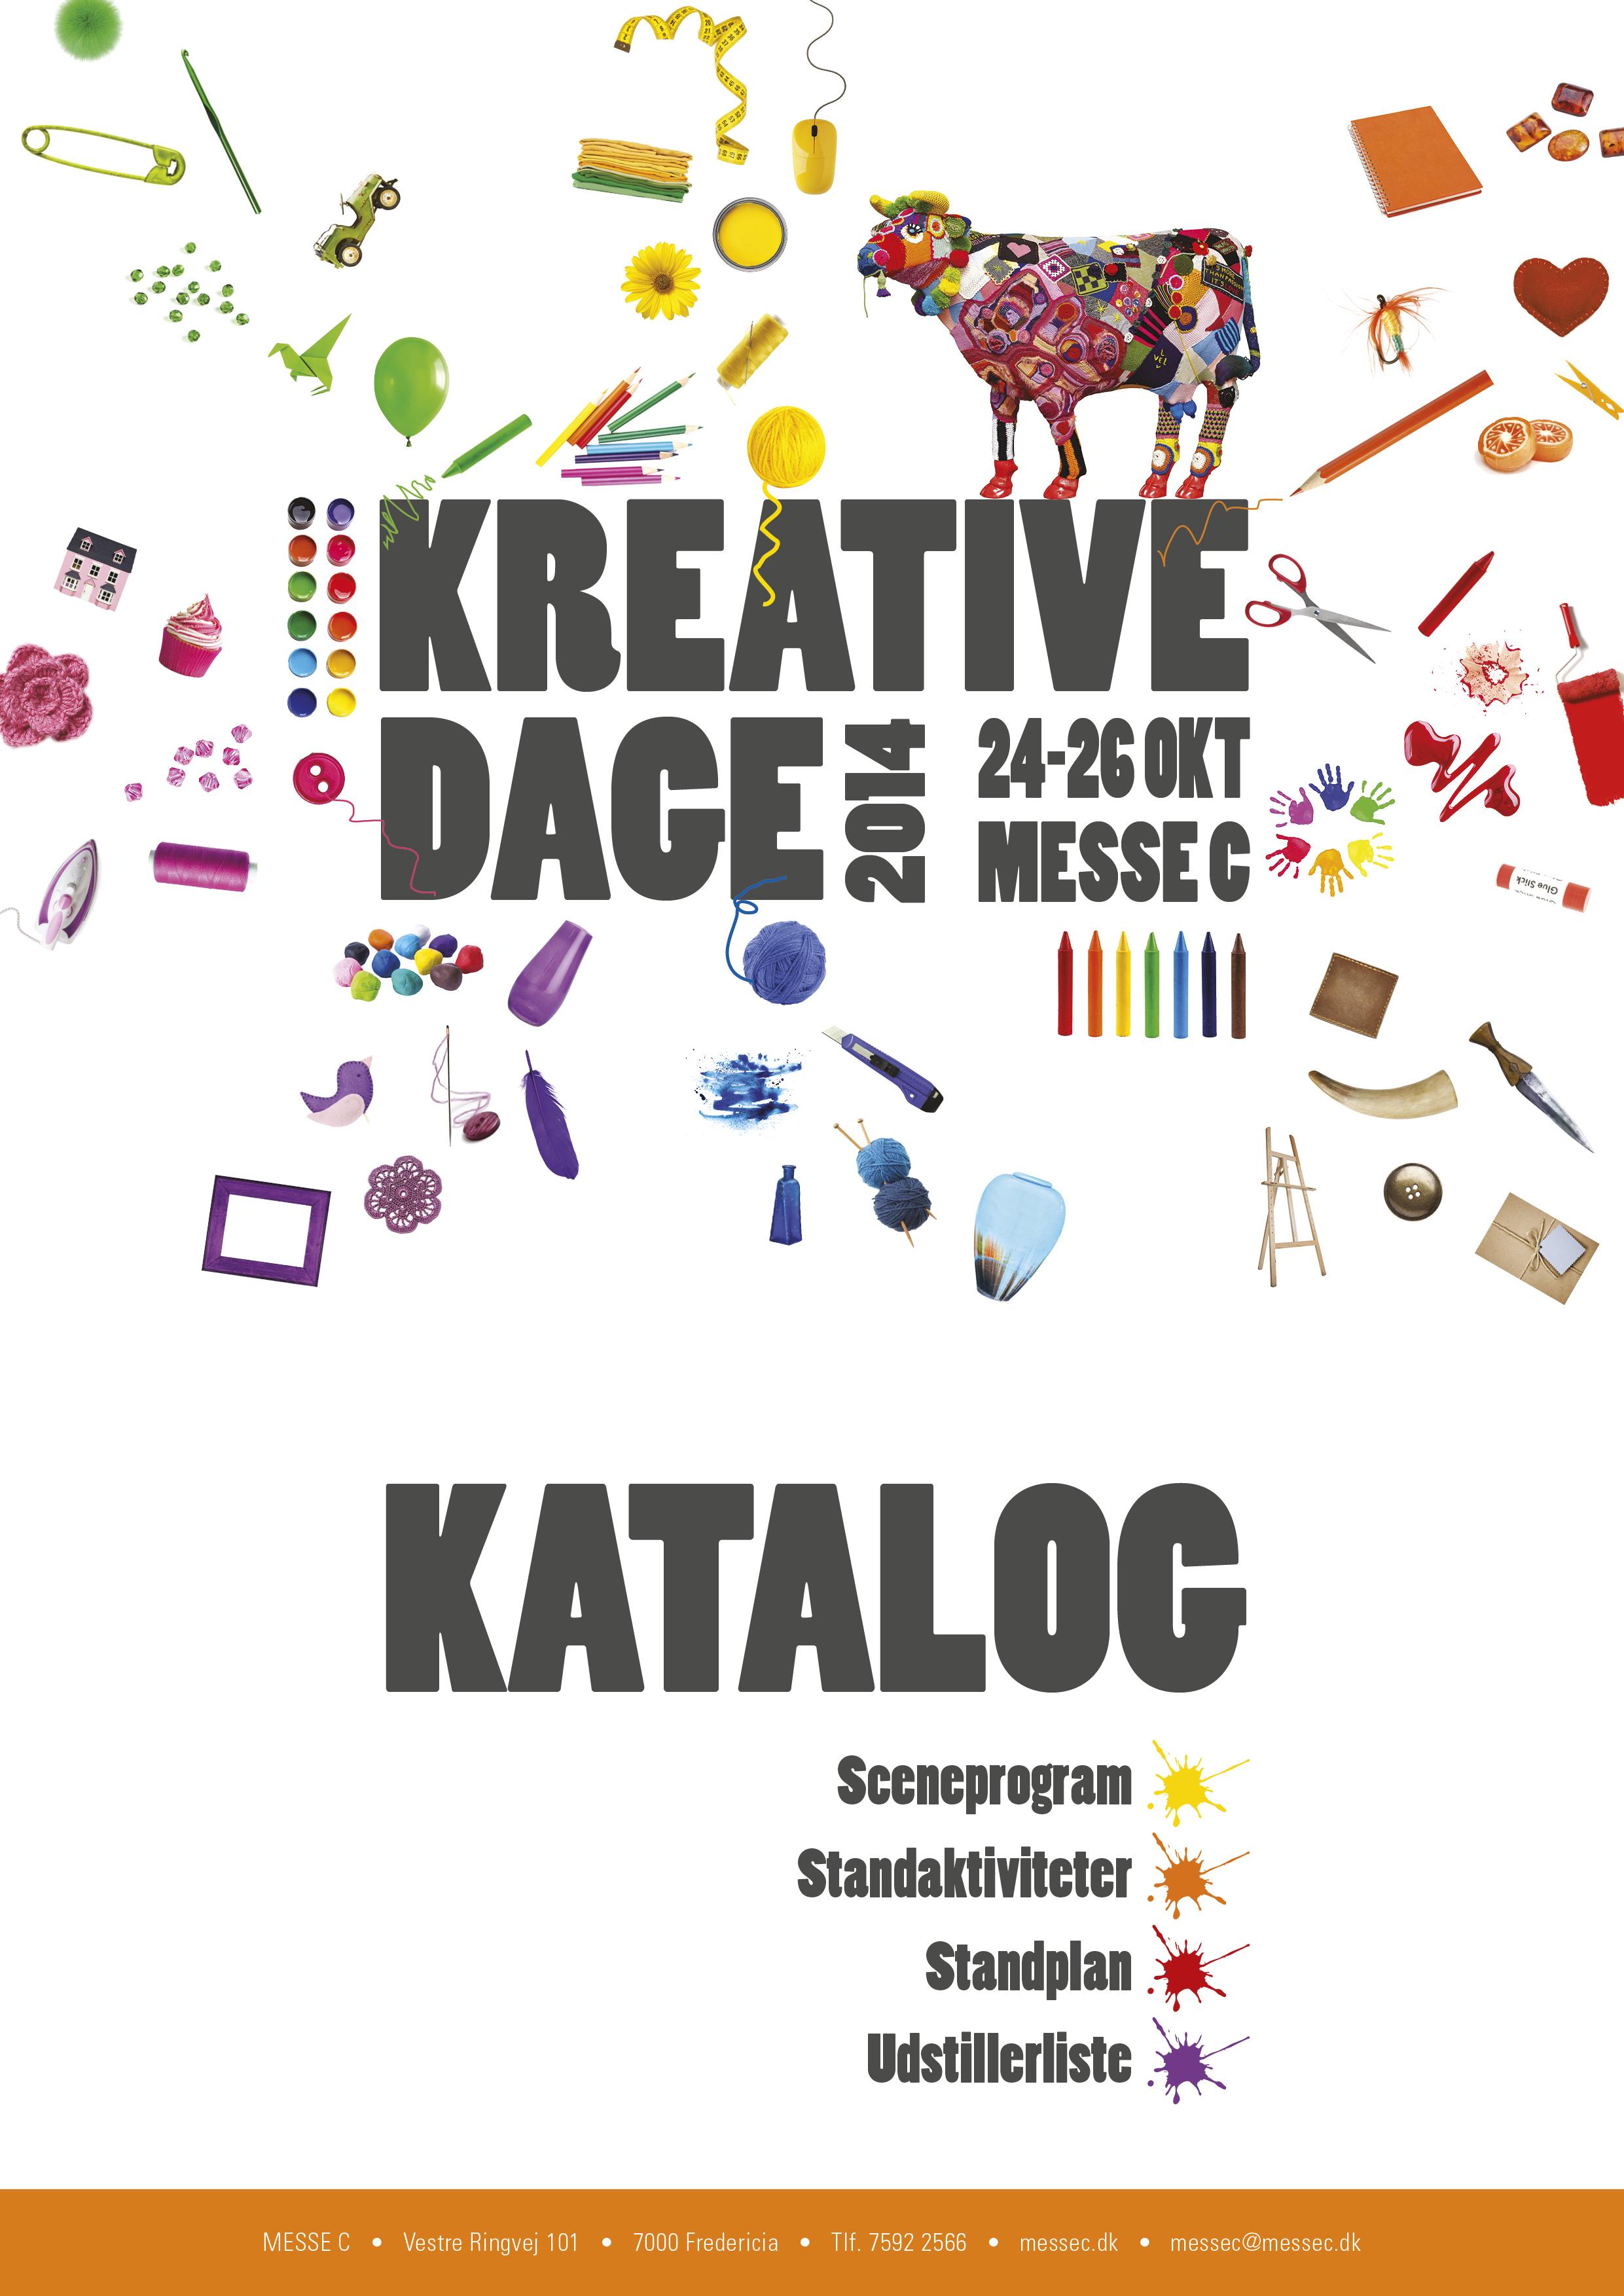 Messe avis til Kreative Dage 2014